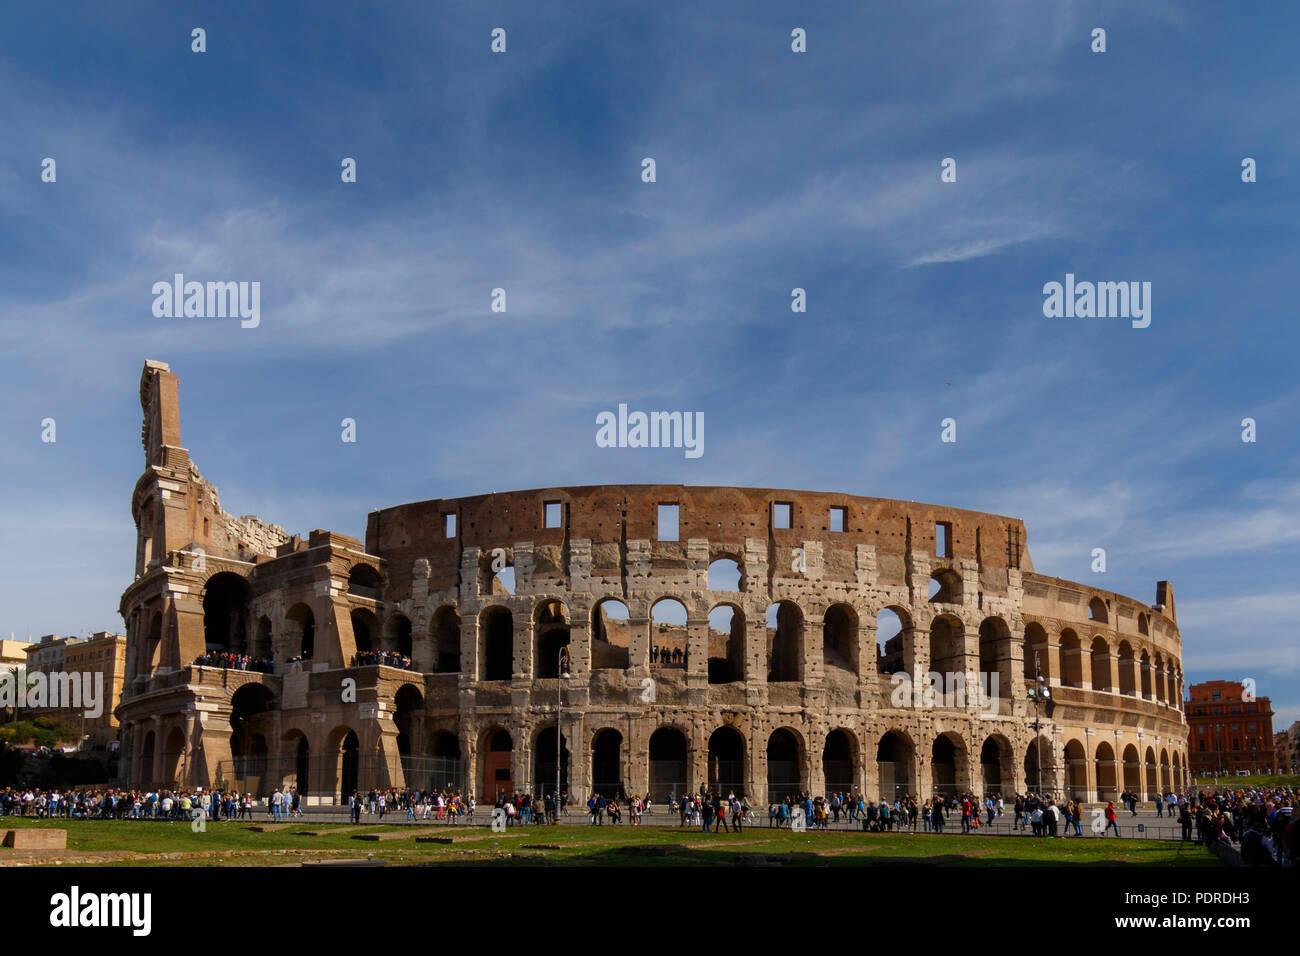 Coliseo de Roma a la luz diurna, Sitio del Patrimonio Mundial de la UNESCO Roma, Roma, Italia Imagen De Stock